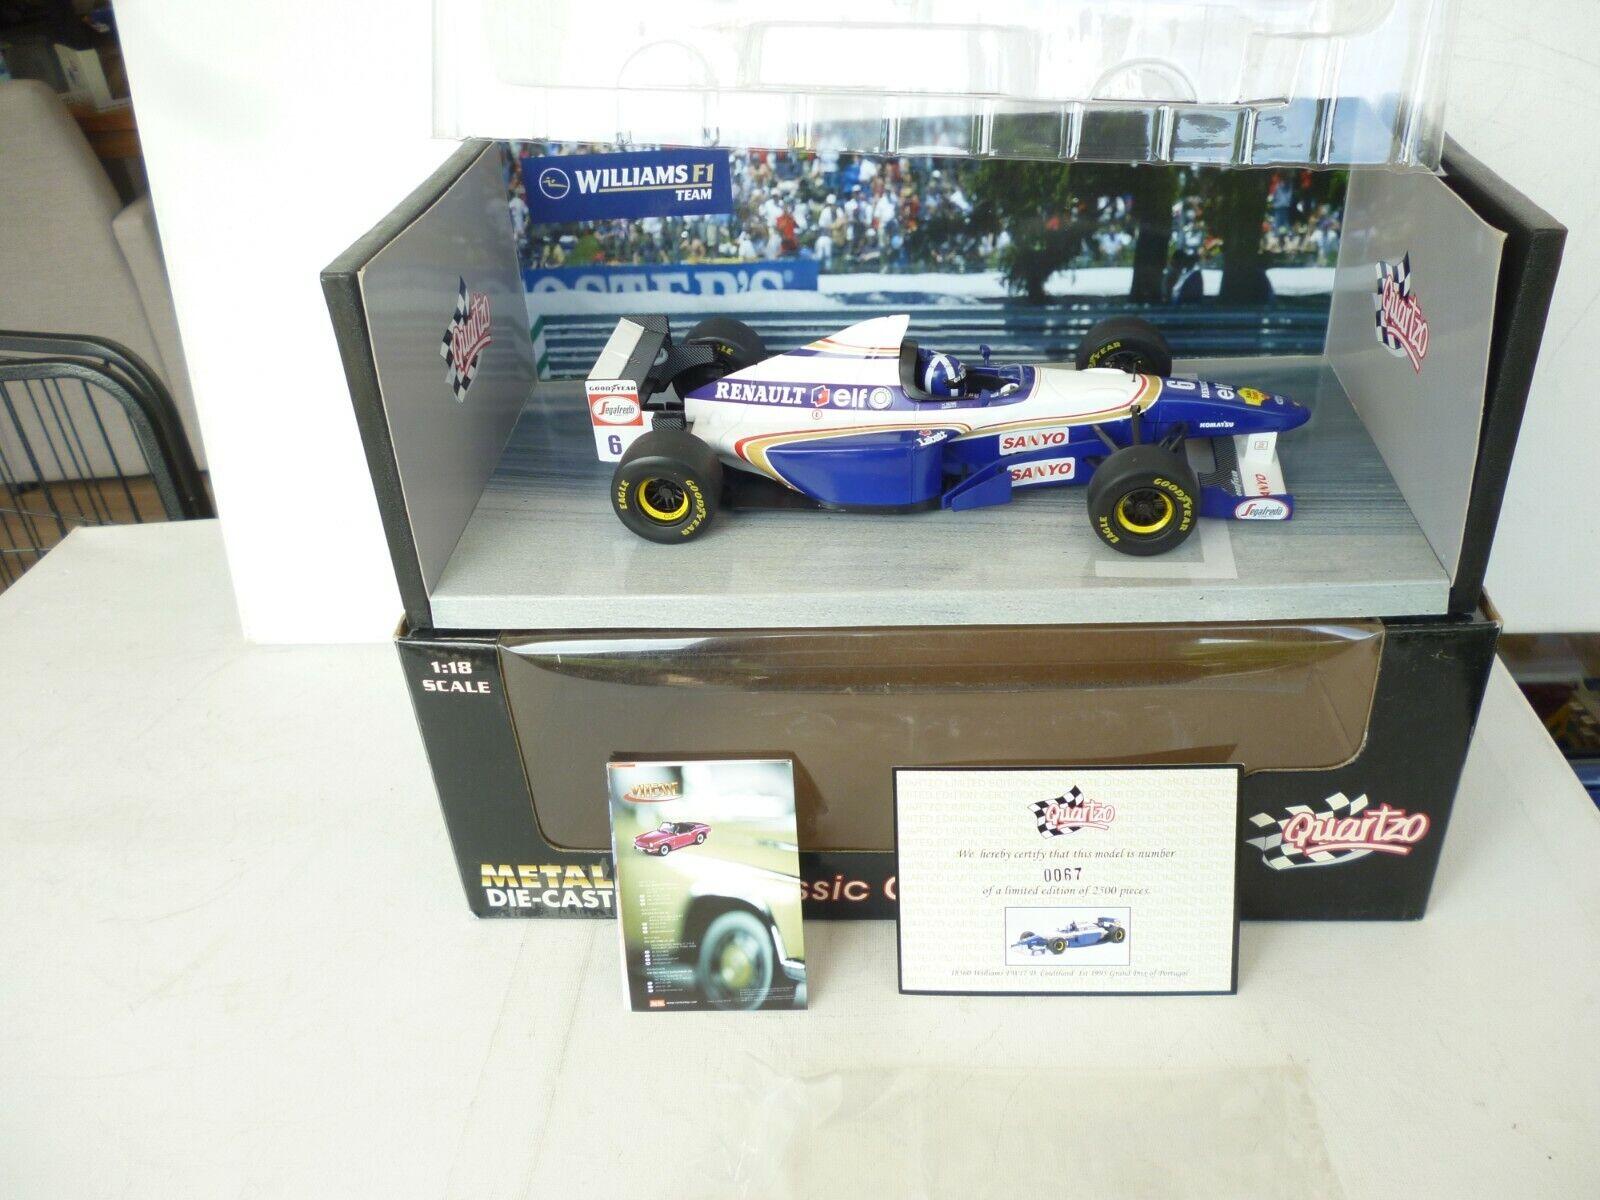 echa un vistazo a los más baratos Williams FW17    6 Coulthard  1° Portugal GP  1995 (Quartzo 1 18   18360) NEW OVP   comprar descuentos